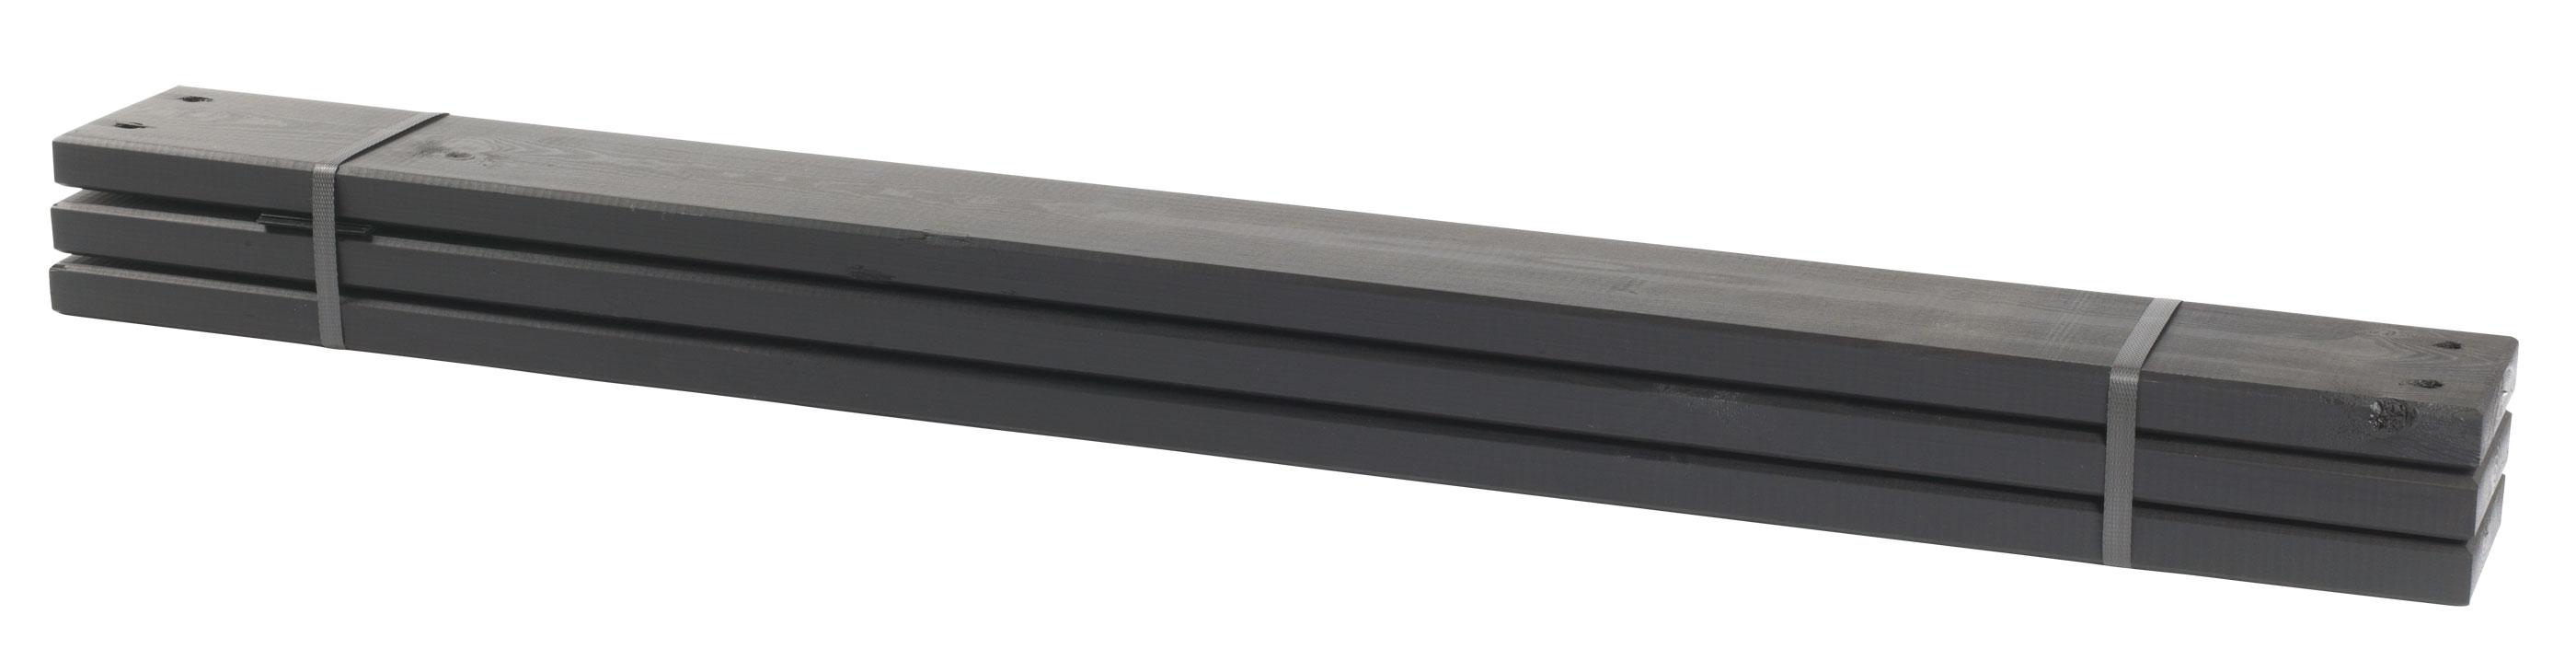 holz planken f r pipe modulsystem 6 st ck kdi schwarz. Black Bedroom Furniture Sets. Home Design Ideas